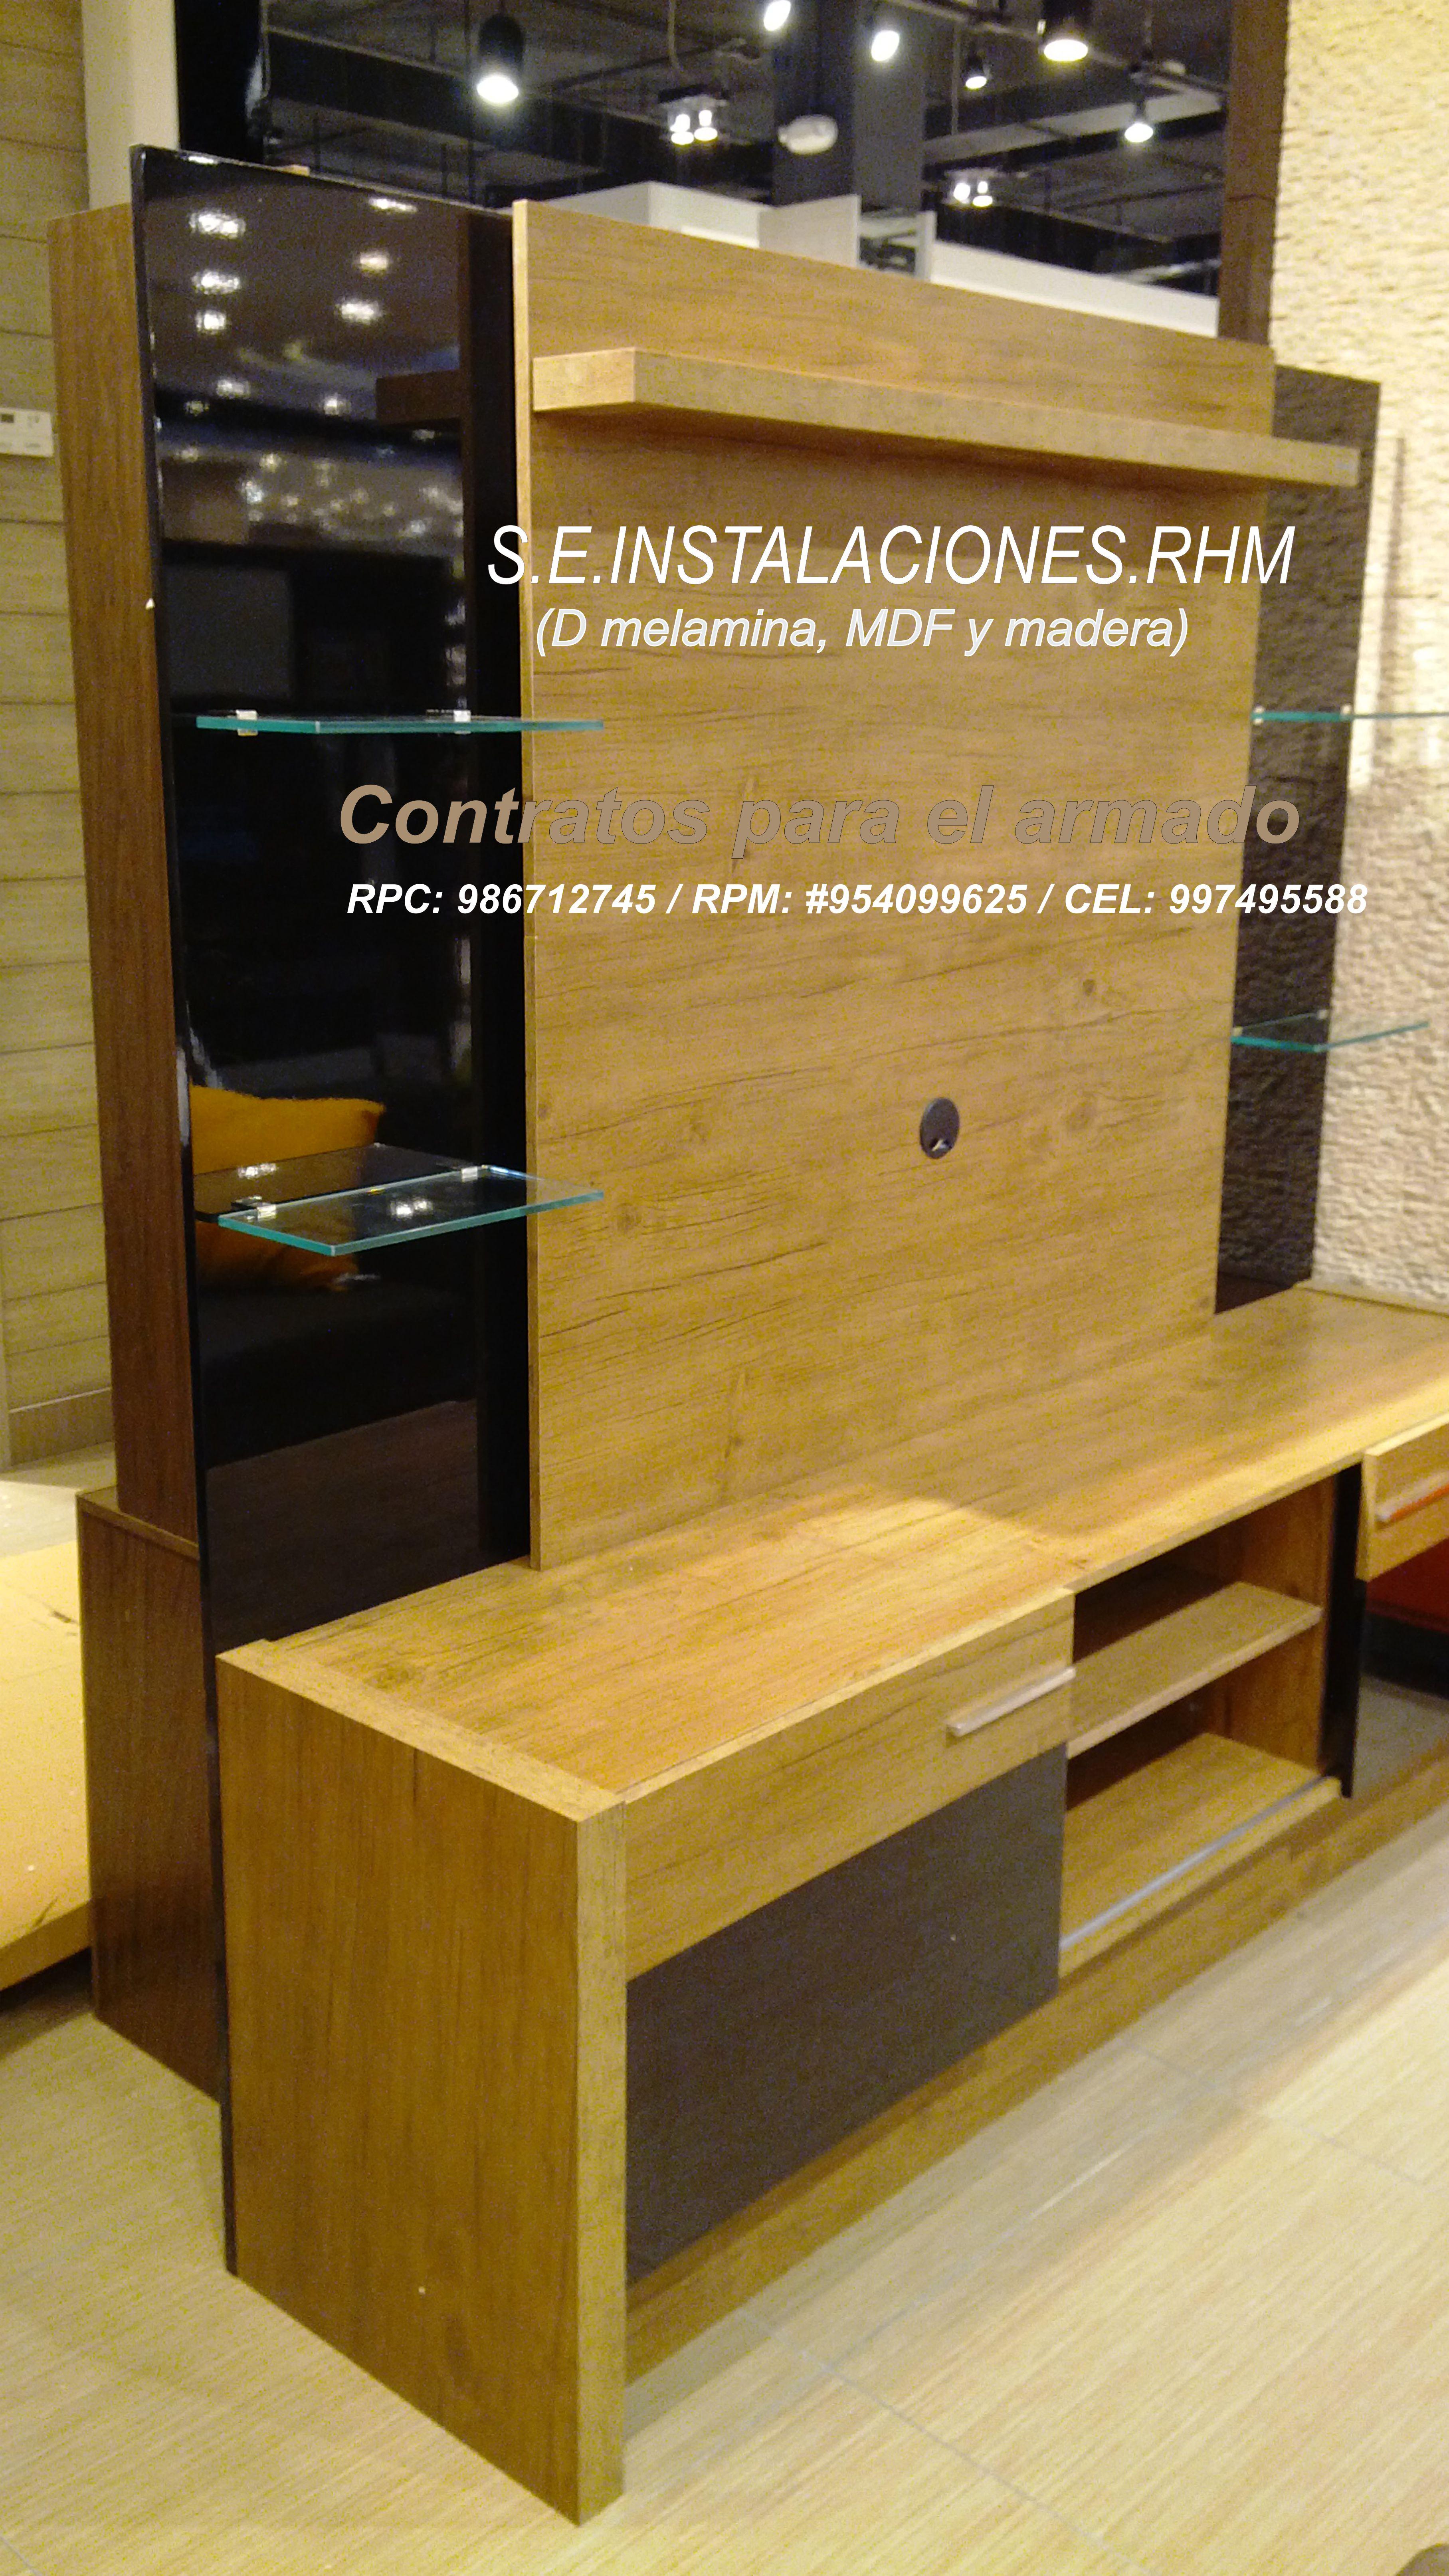 Muebles Oechsle - Armado De Muebles De Oechsle Negocio Pe[mjhdah]http://negocio.pe/sites/negocio.logicaldesign.pe/files/empresas/centro_de_entretenimiento_12_2.jpg